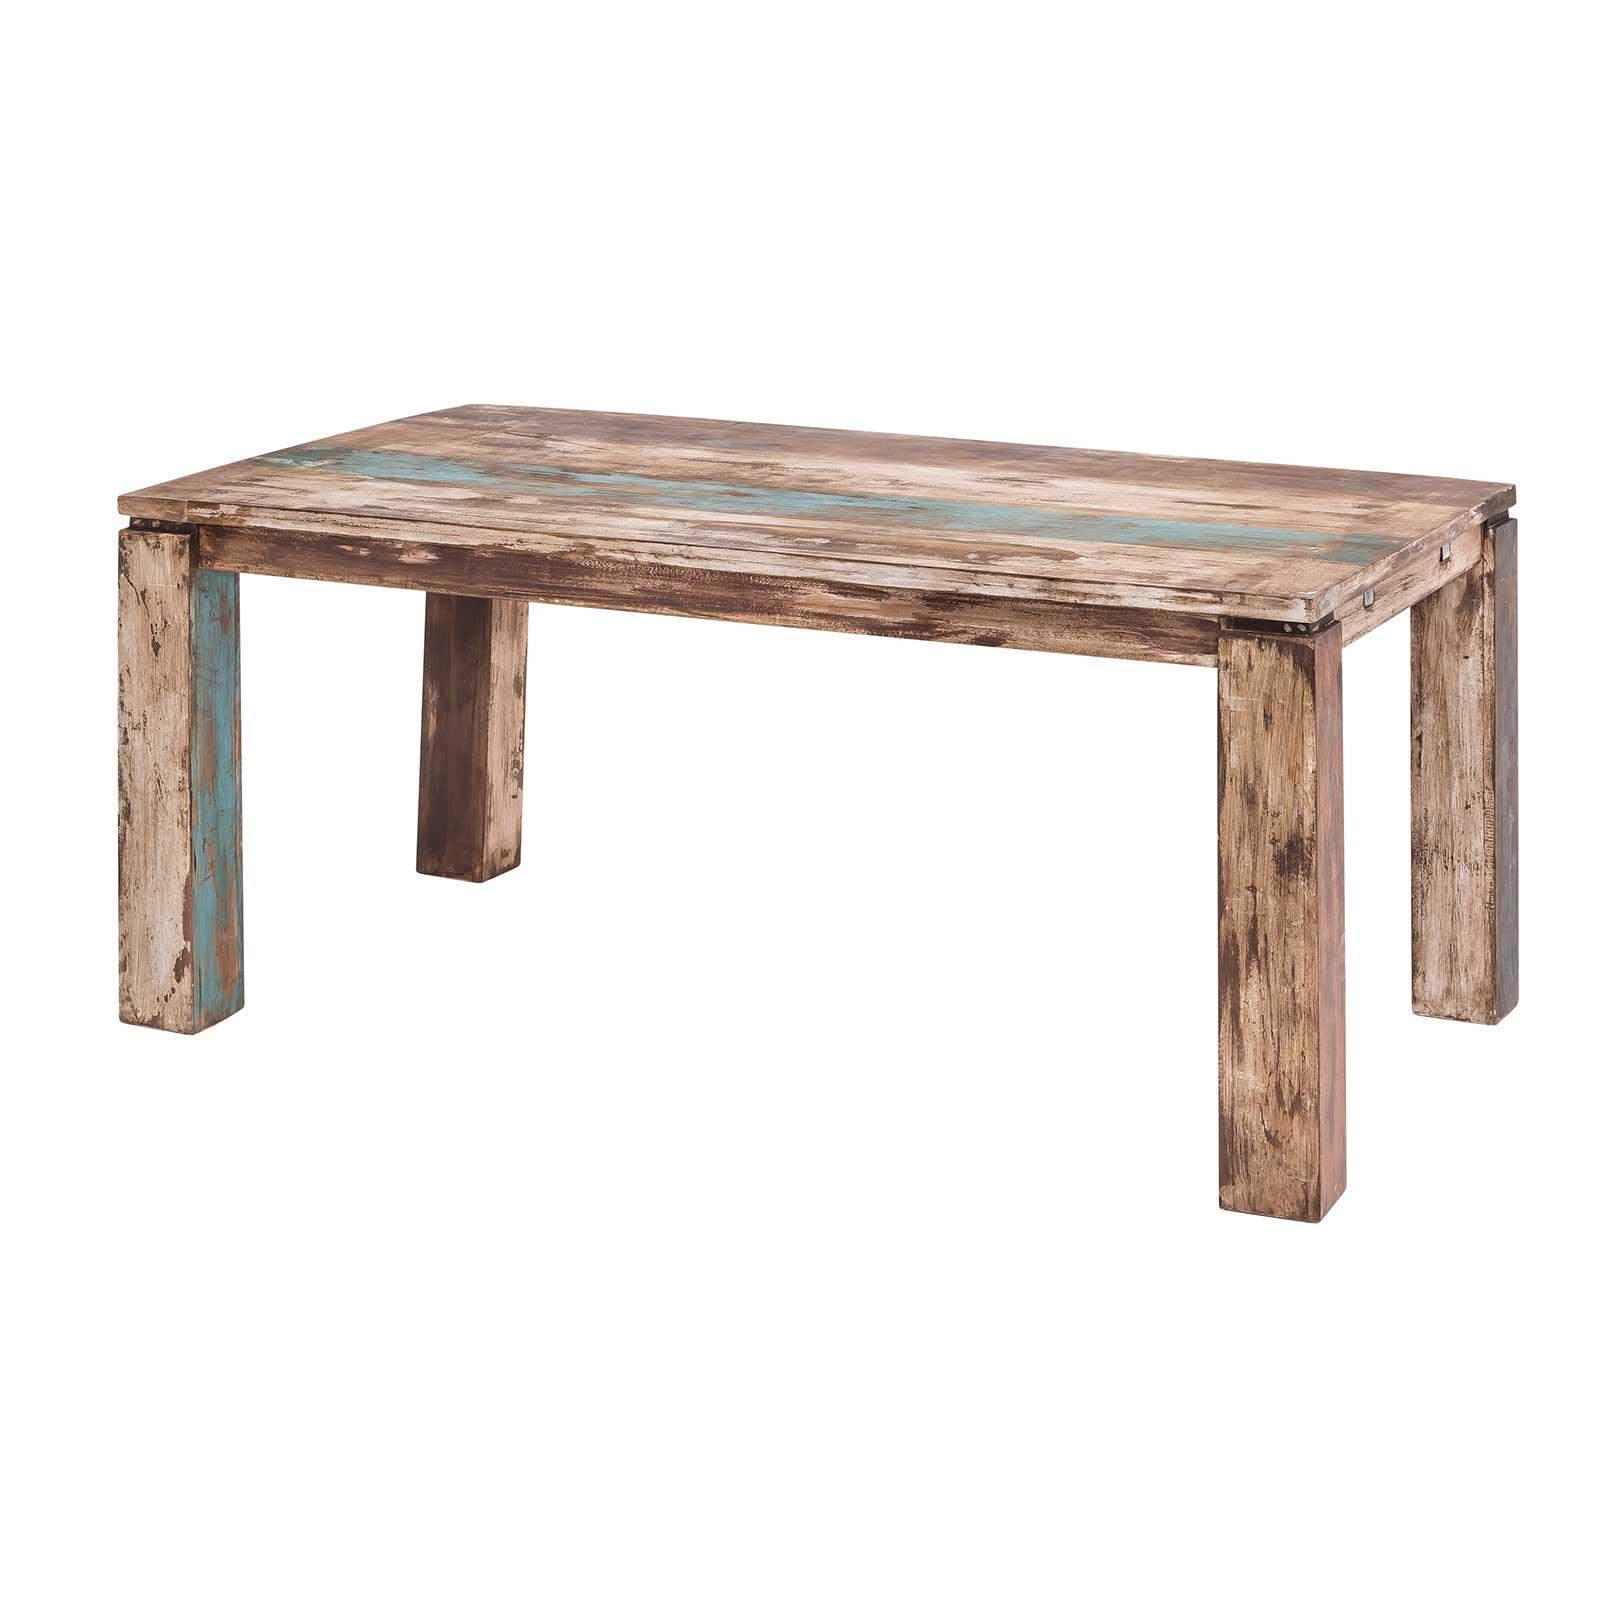 Esstisch largo 160 260 cm aus massivholz im vintage look for Esstisch 160